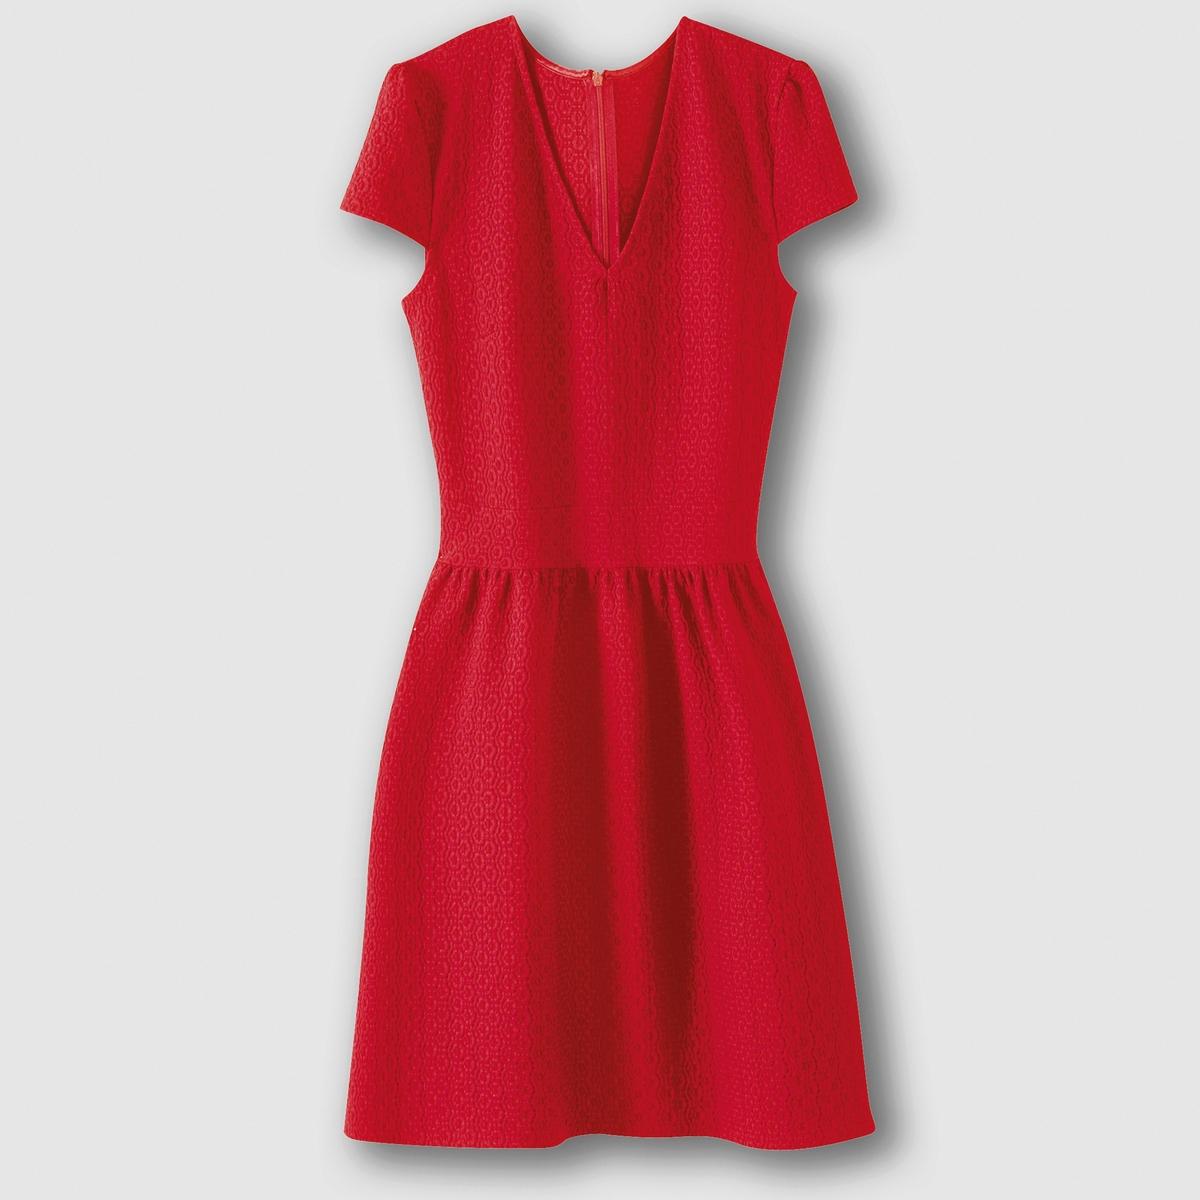 Платье жаккардовоеЖаккардовое платье с геометрическим структурным рисунком в тон. Короткие рукава. V-образный вырез спереди. Отрезное по талии, подчеркнуто складками. Потайная застежка на молнию сзади. Состав и описание Материал : 51% вискозы, 46% полиэстера, 3% эластанаДлина : 90 смУходМашинная стирка при 30 °C с вещами схожих цветовСтирать и гладить с изнаночной стороны Машинная сушка в умеренном режиме Гладить при низкой температуре<br><br>Цвет: красный<br>Размер: 44 (FR) - 50 (RUS)